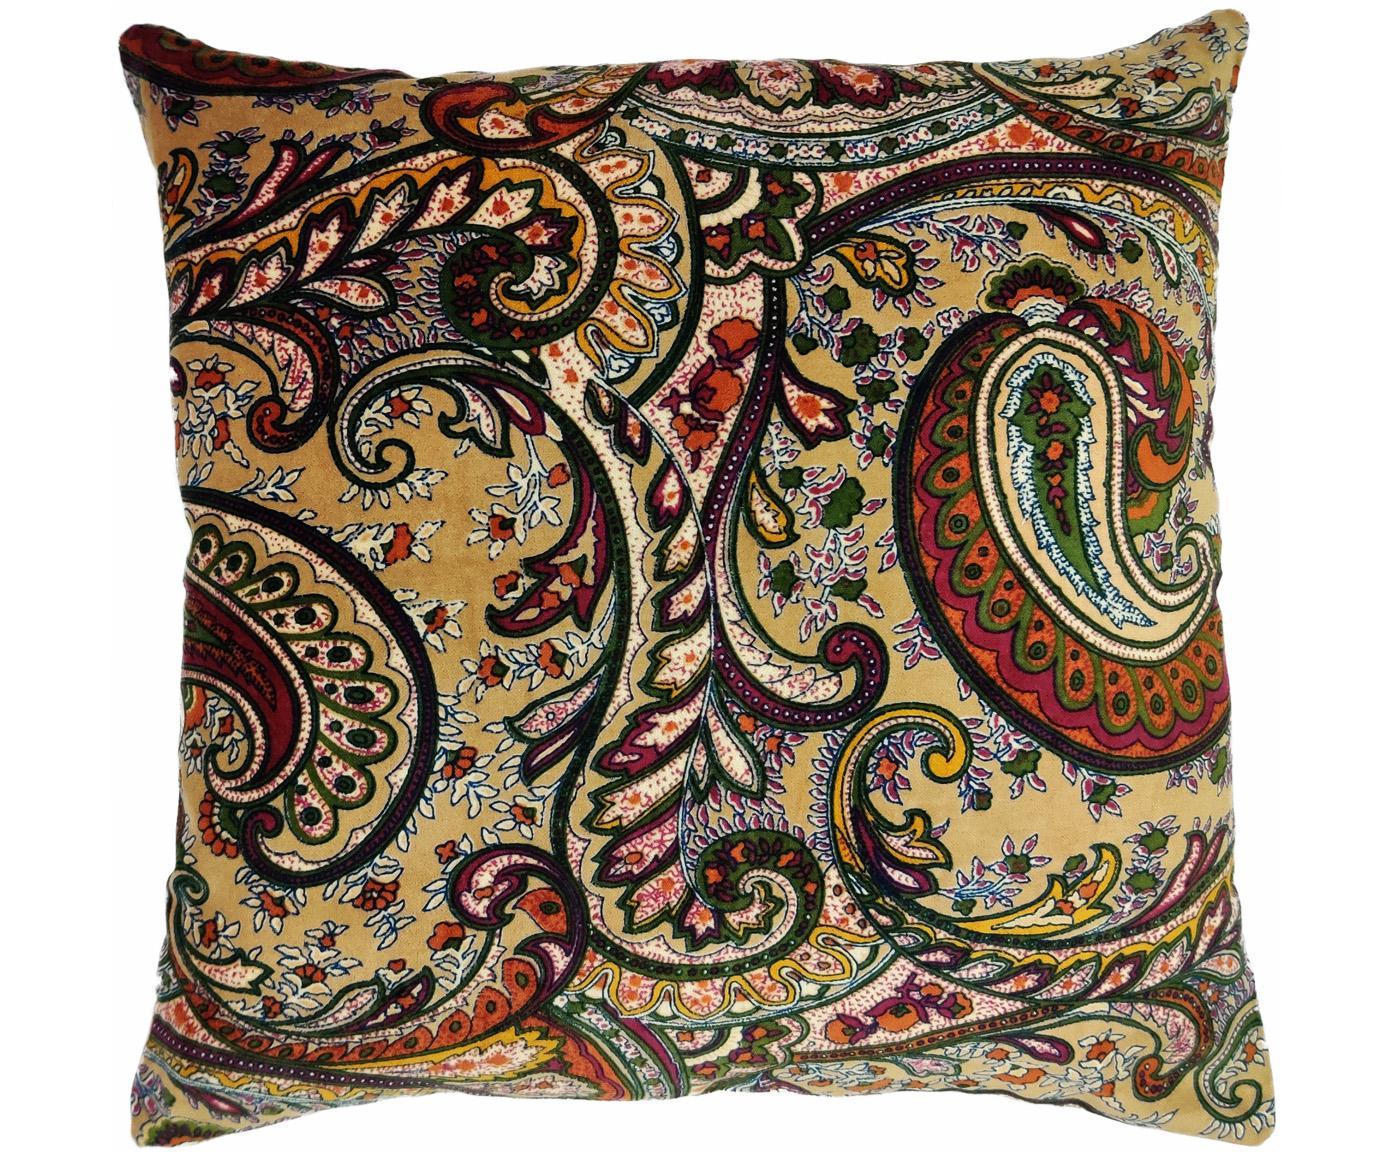 Kissen Paisley, mit Inlett, Bezug: 100% Baumwolle, Beige, Mehrfarbig, 45 x 45 cm